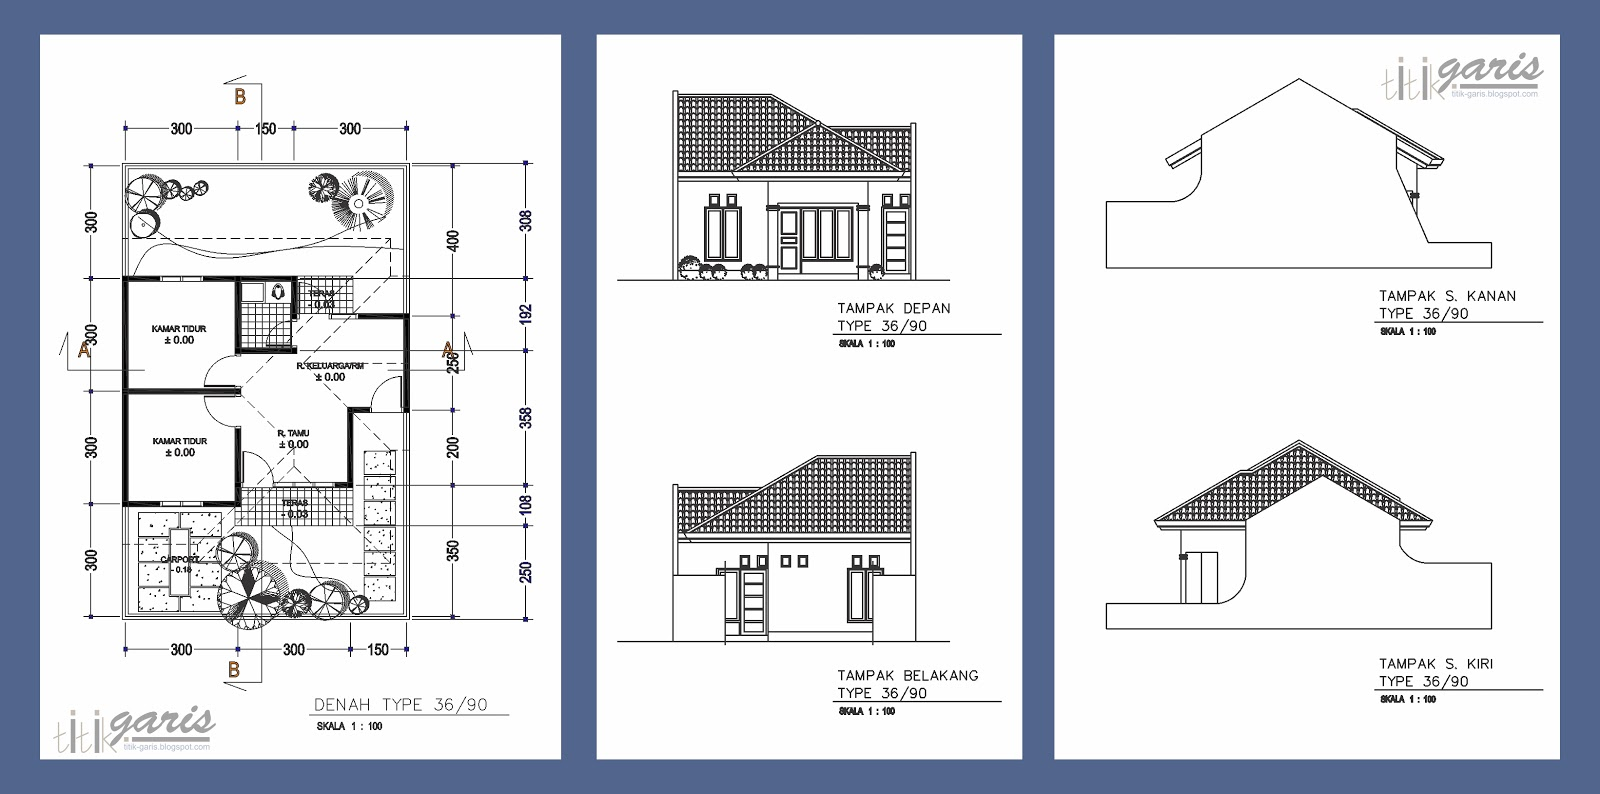 Kumpulan Gambar Denah Dan Tampak Berbagai Macam Tipe Rumah Rumah